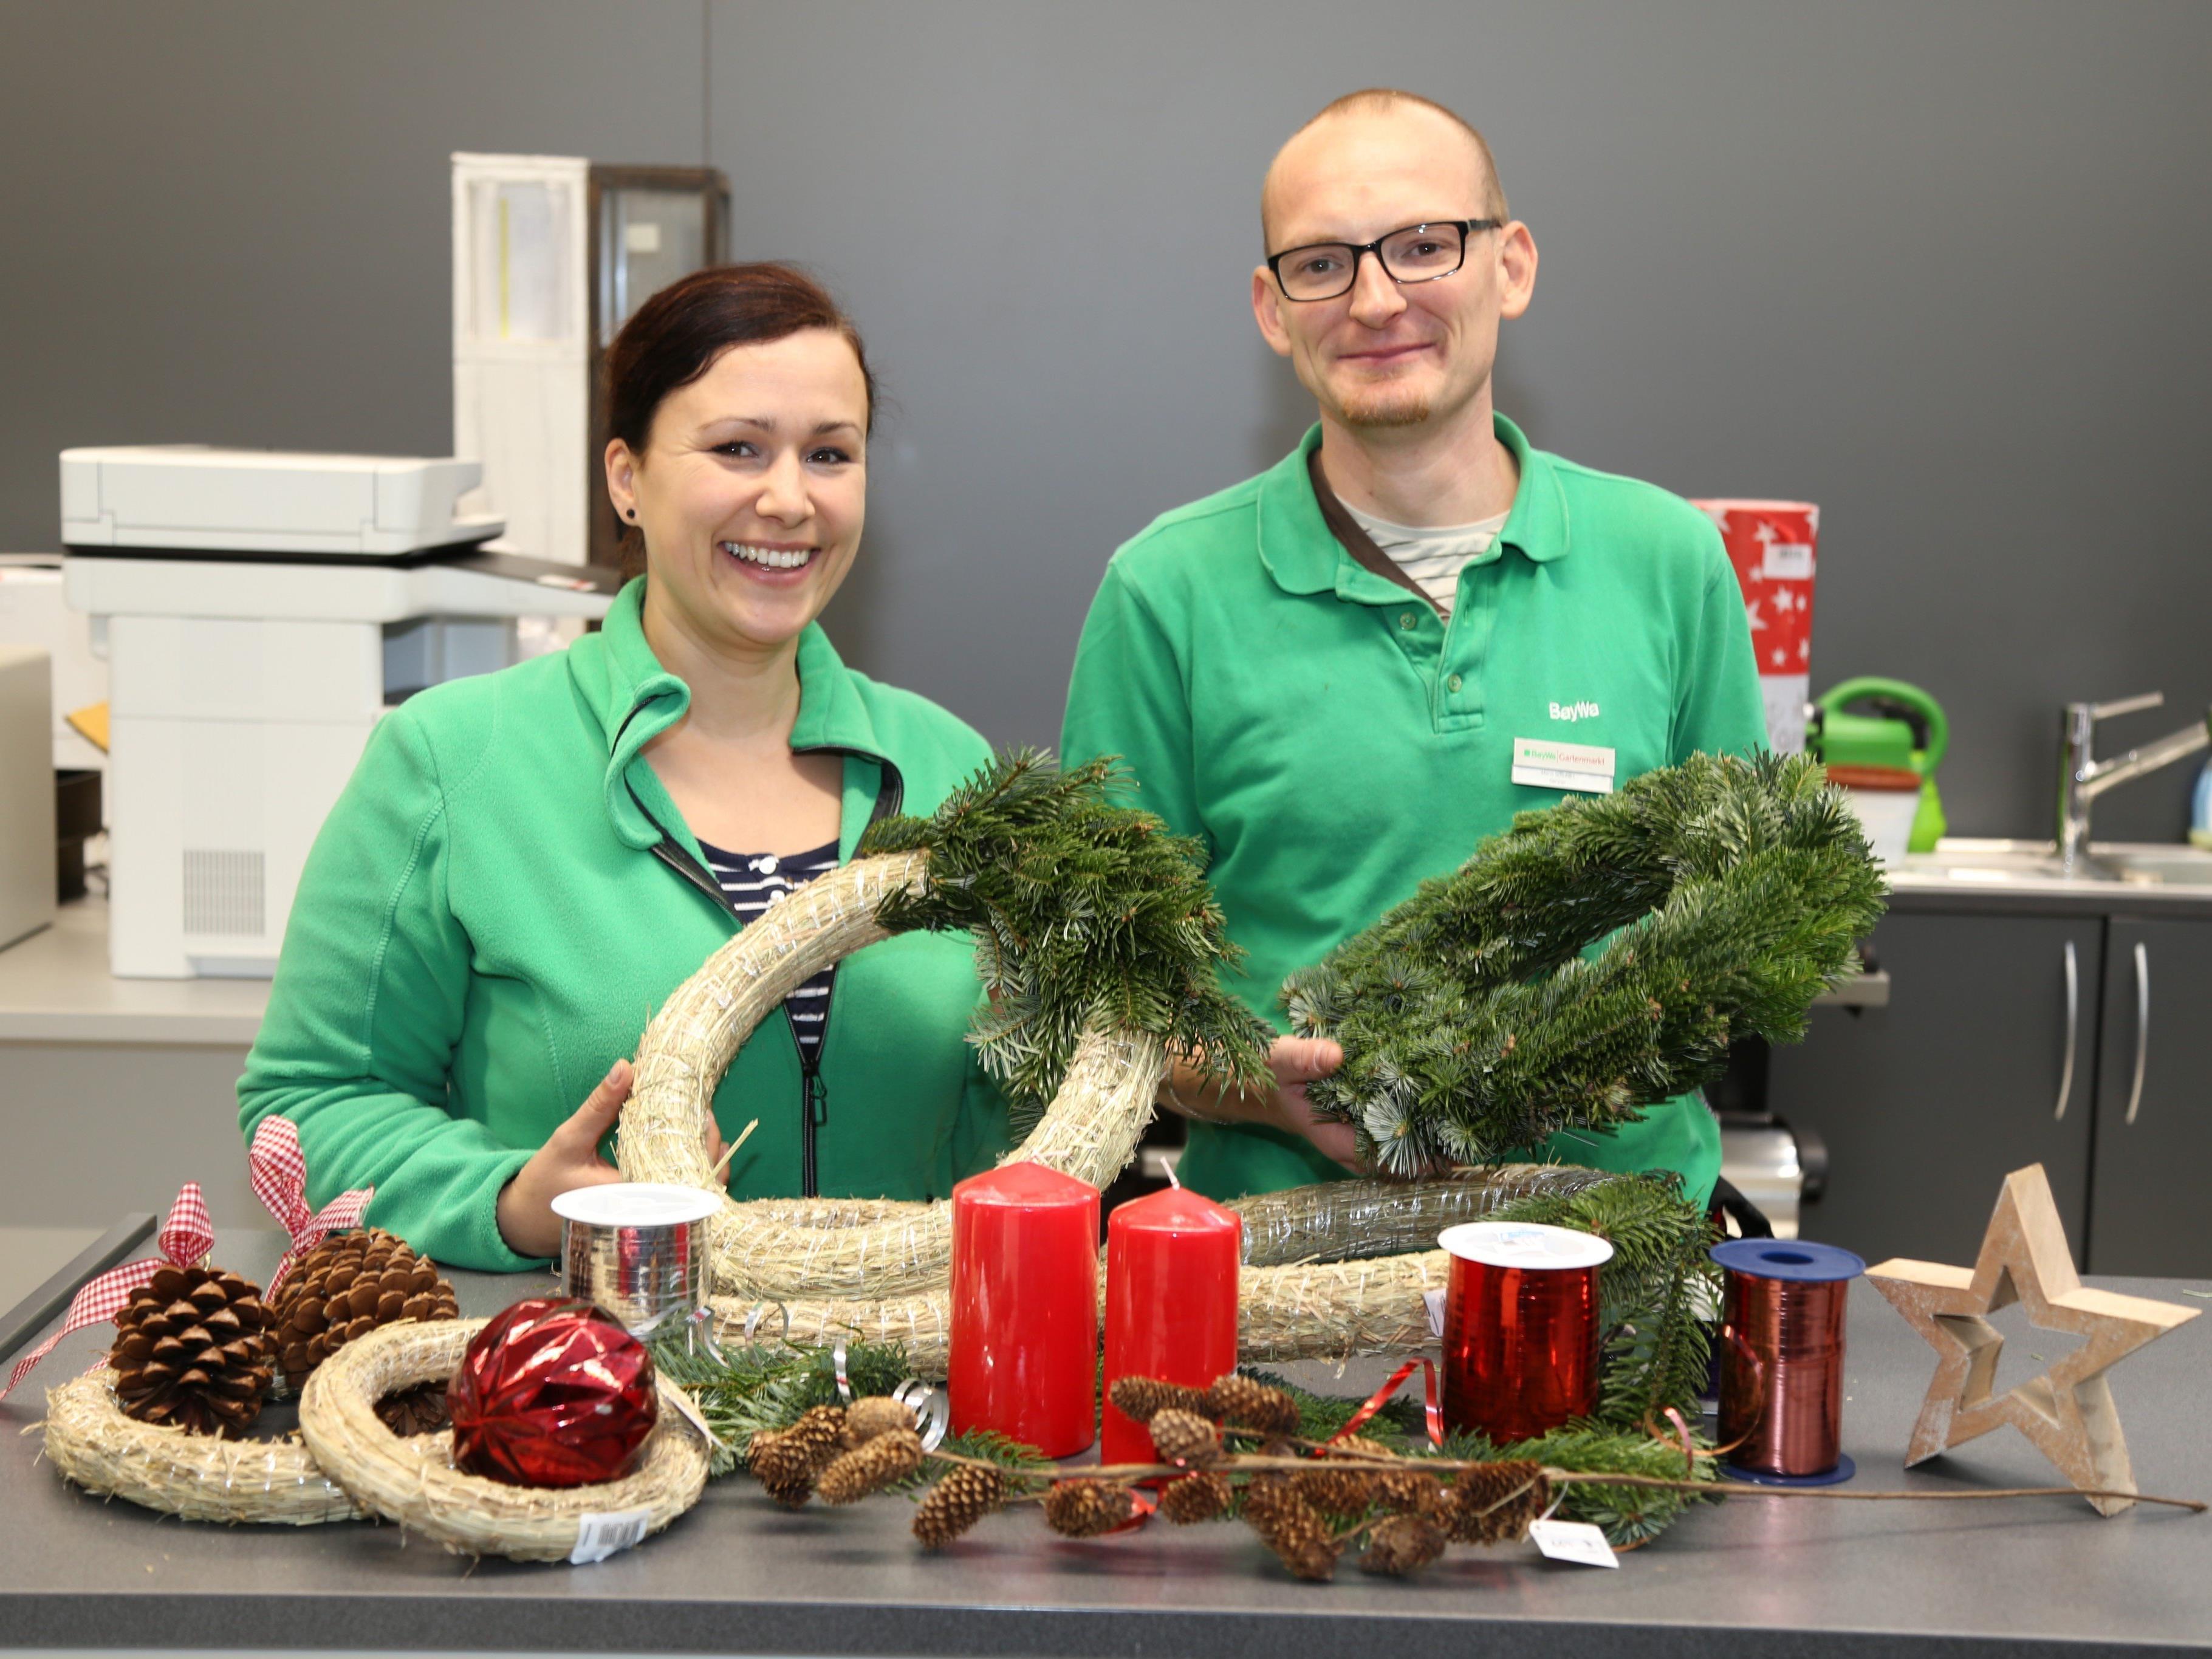 Daniela Halbeisen und Mario Schubert zeigen, worauf es beim Adventkranzbinden ankommt.